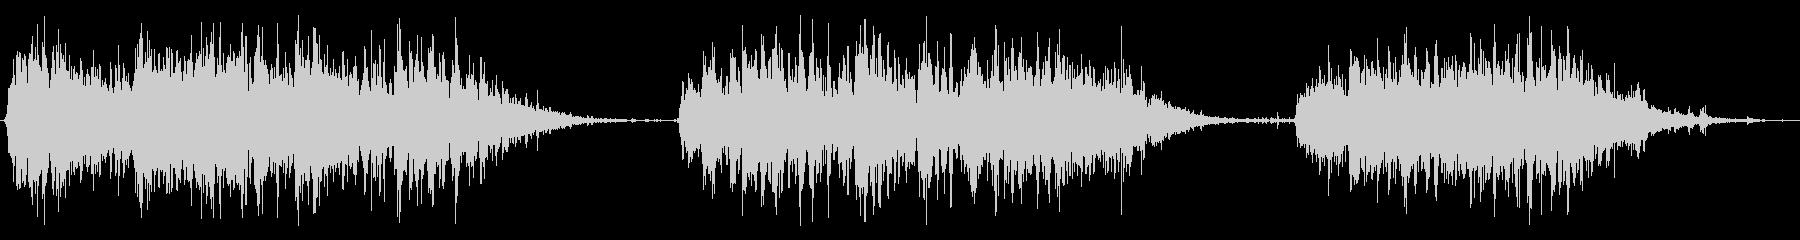 小型電動ブレンダー:3つの短いブレ...の未再生の波形